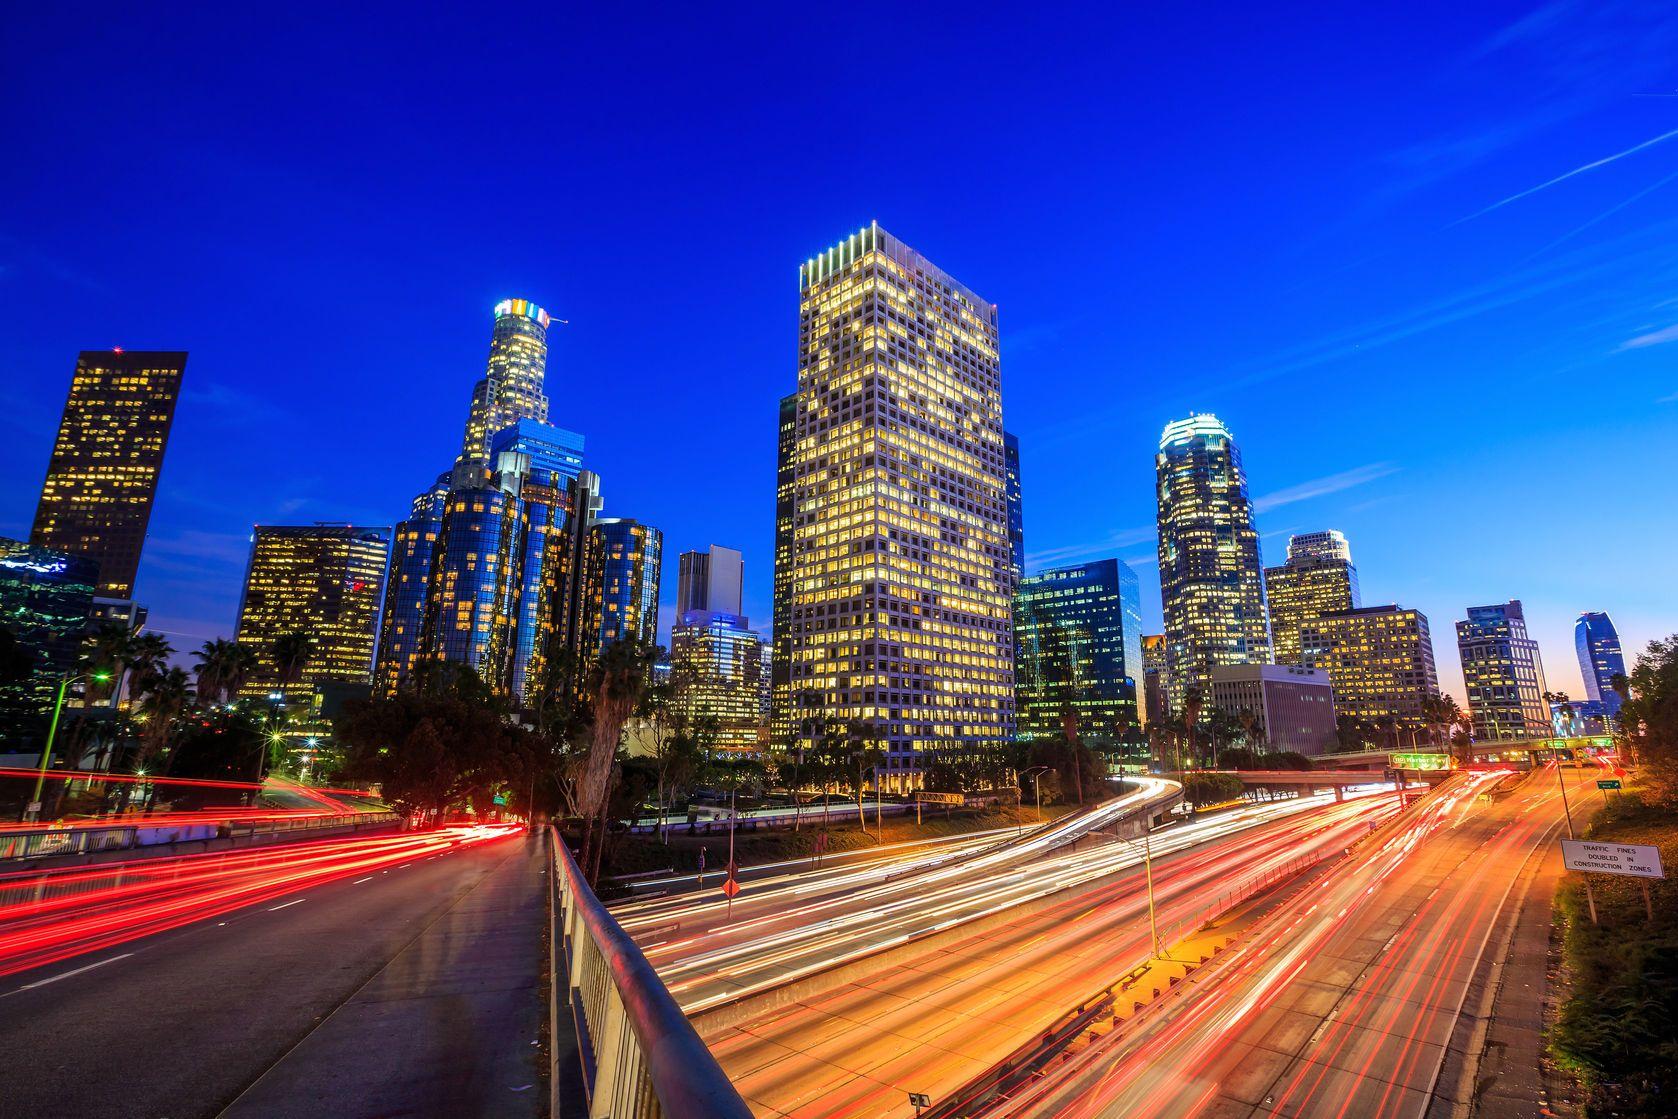 Rušné město Los Angeles v USA | f11photo/123RF.com